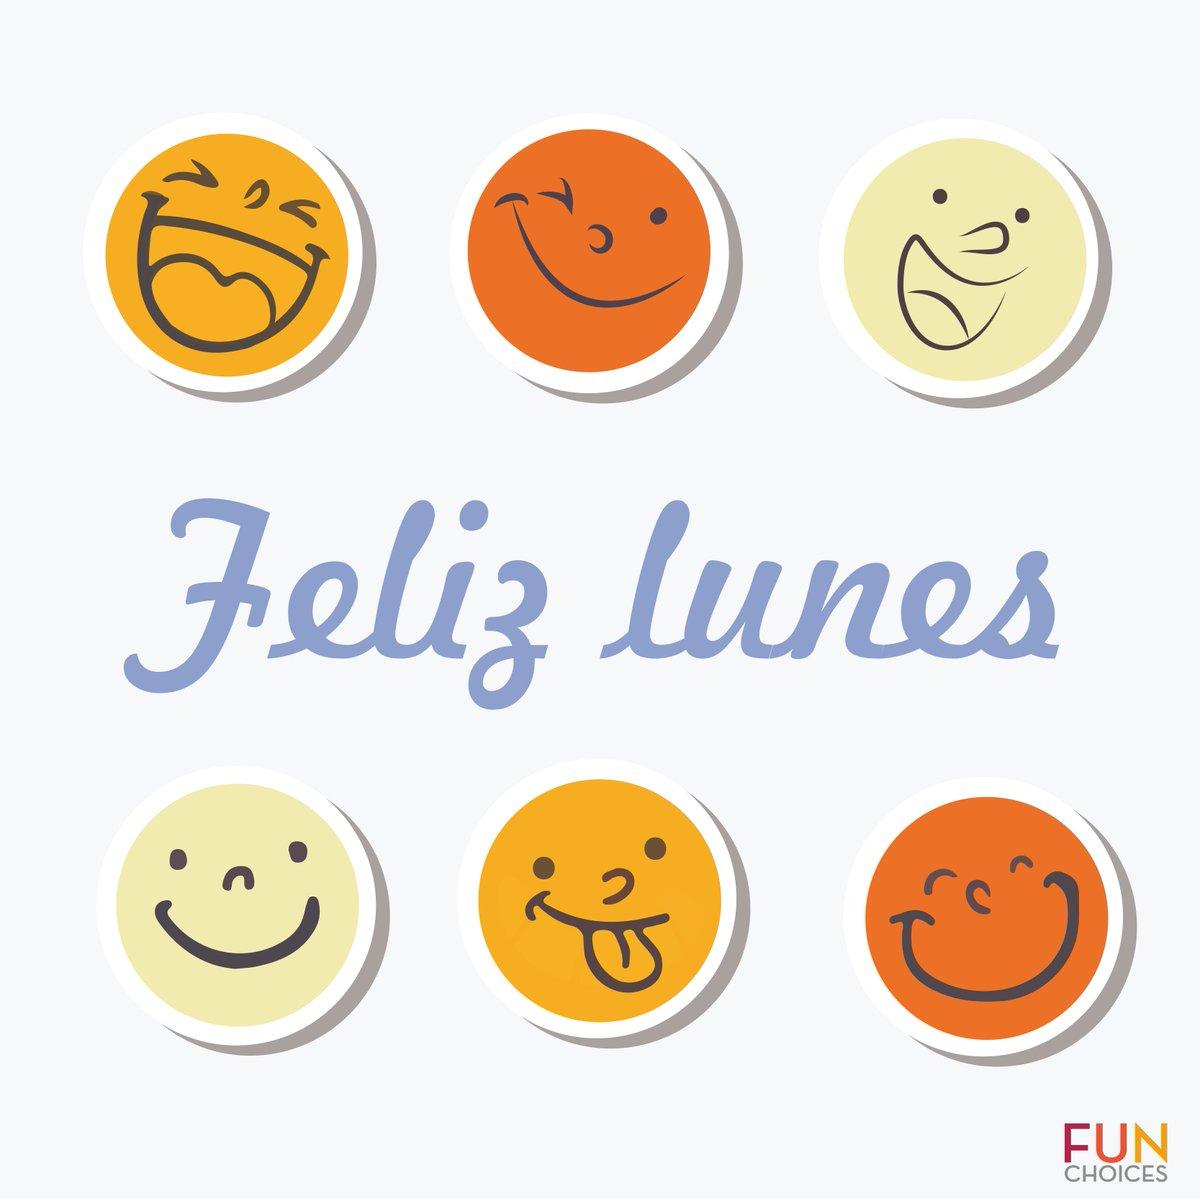 Llegamos a la última semana de #Julio  Empecemos la semana con el mejor ánimo 😀 #veranoFUN https://t.co/3pxBuCWJJq